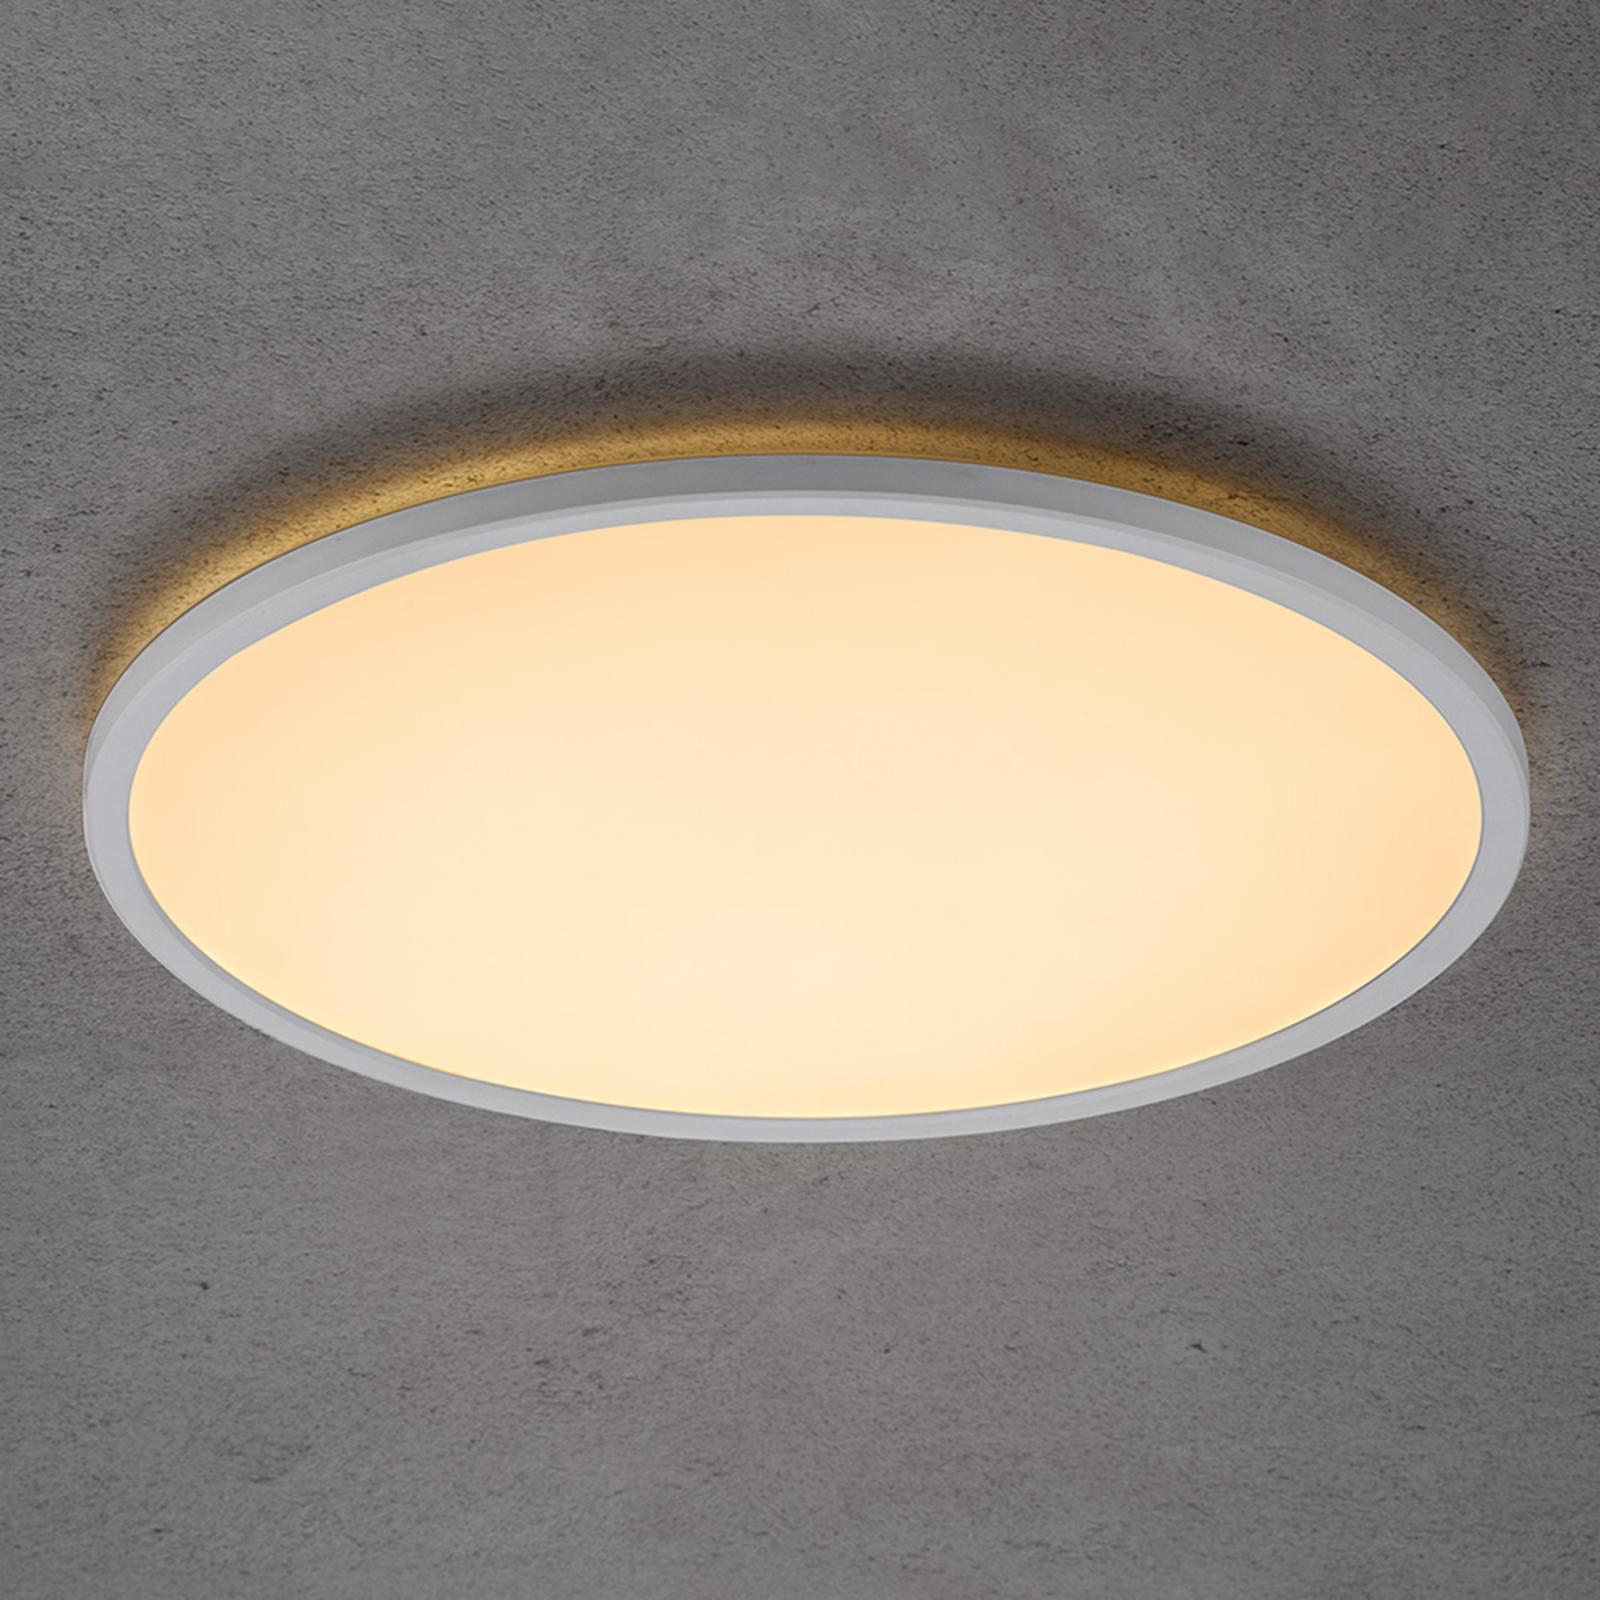 Lampa sufitowa LED Planura, ściemniana, Ø 42 cm